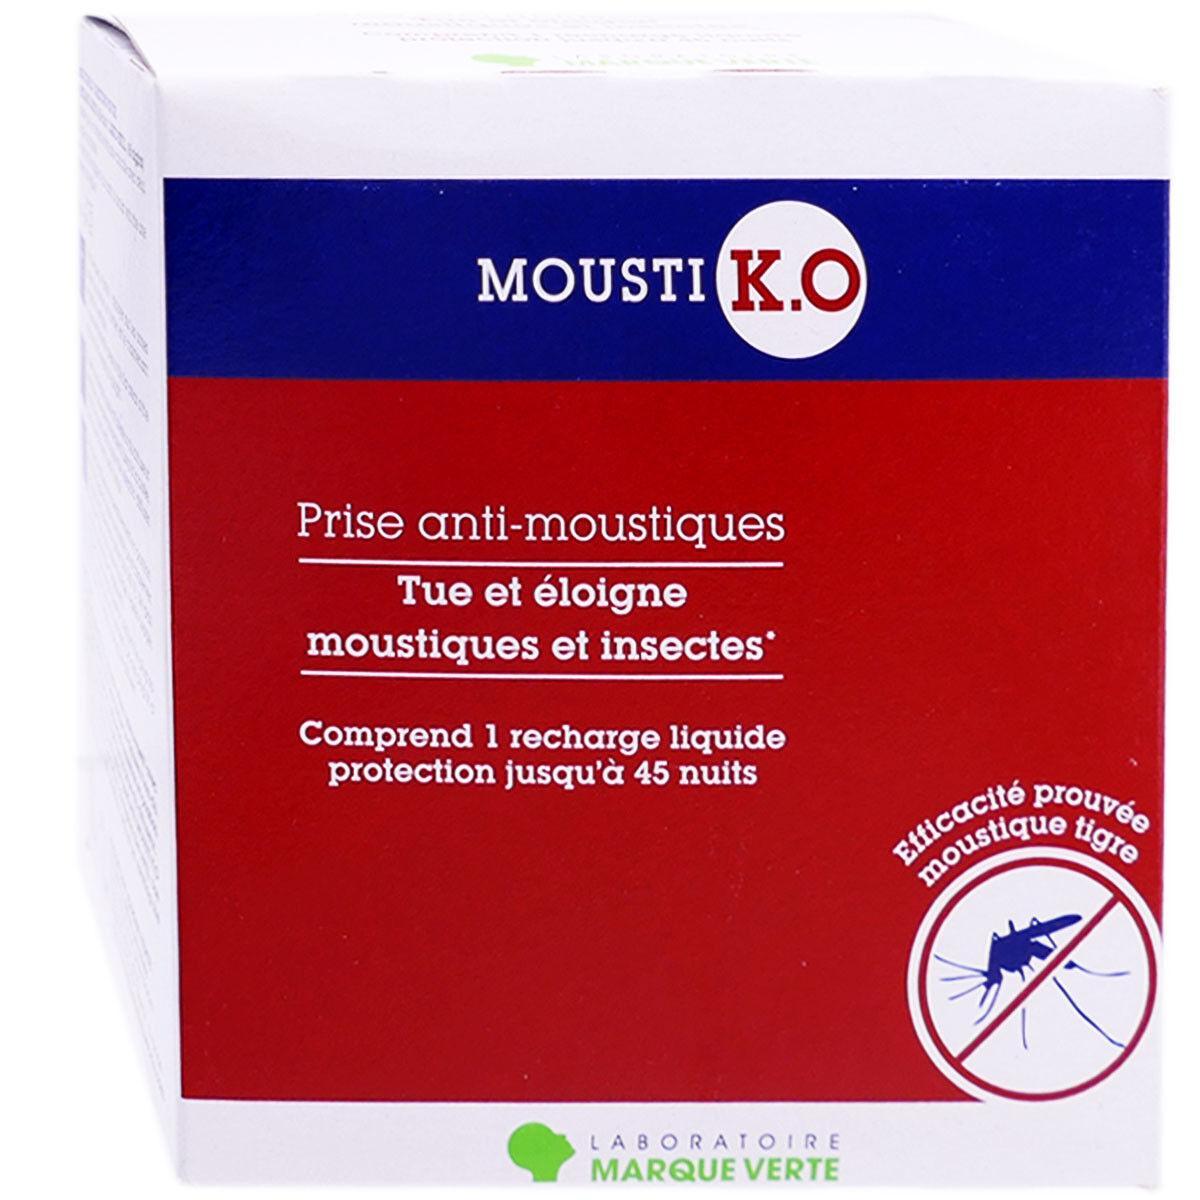 Marque verte mousti k.o prise anti moustiques